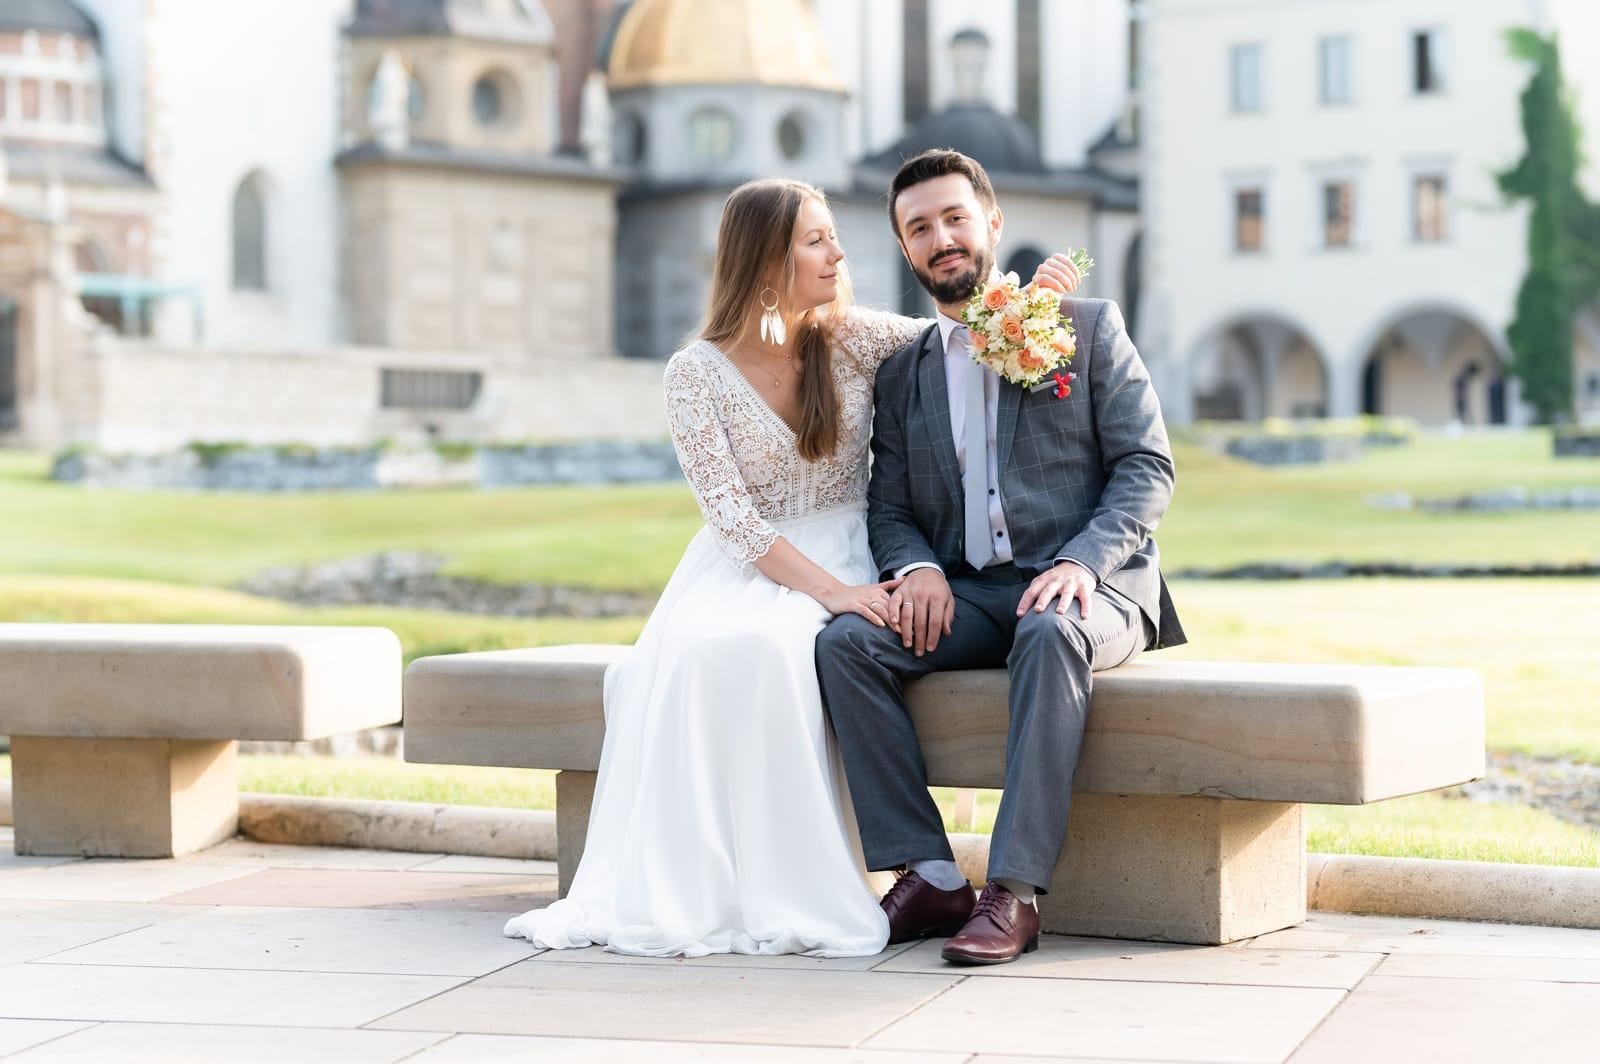 Plener ślubny w Krakowie, zdjęcie na Wawelu Gosia & Güner